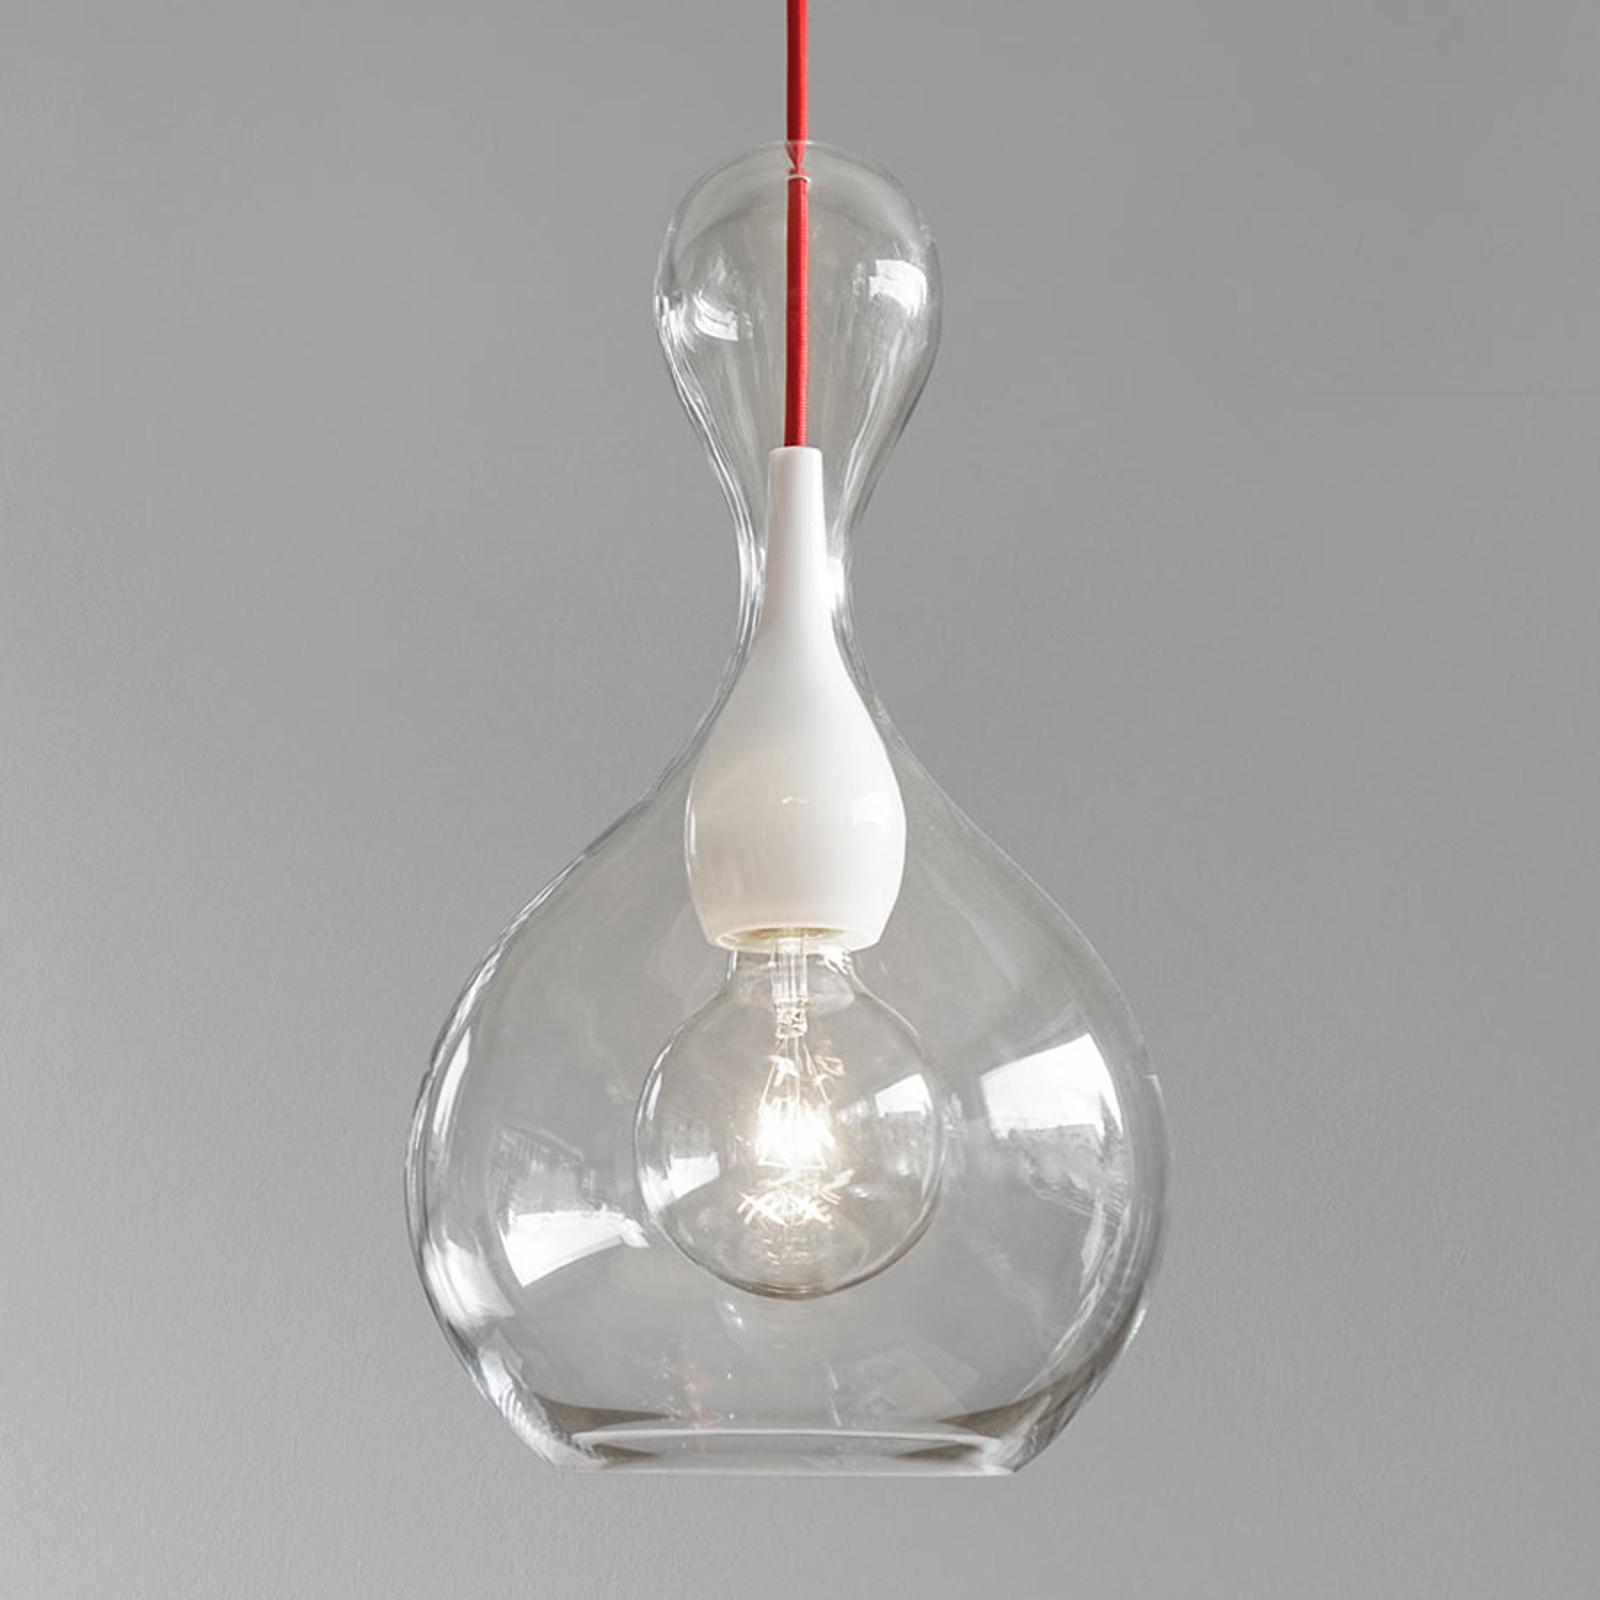 next Blubb - pendellampe i glas, klar